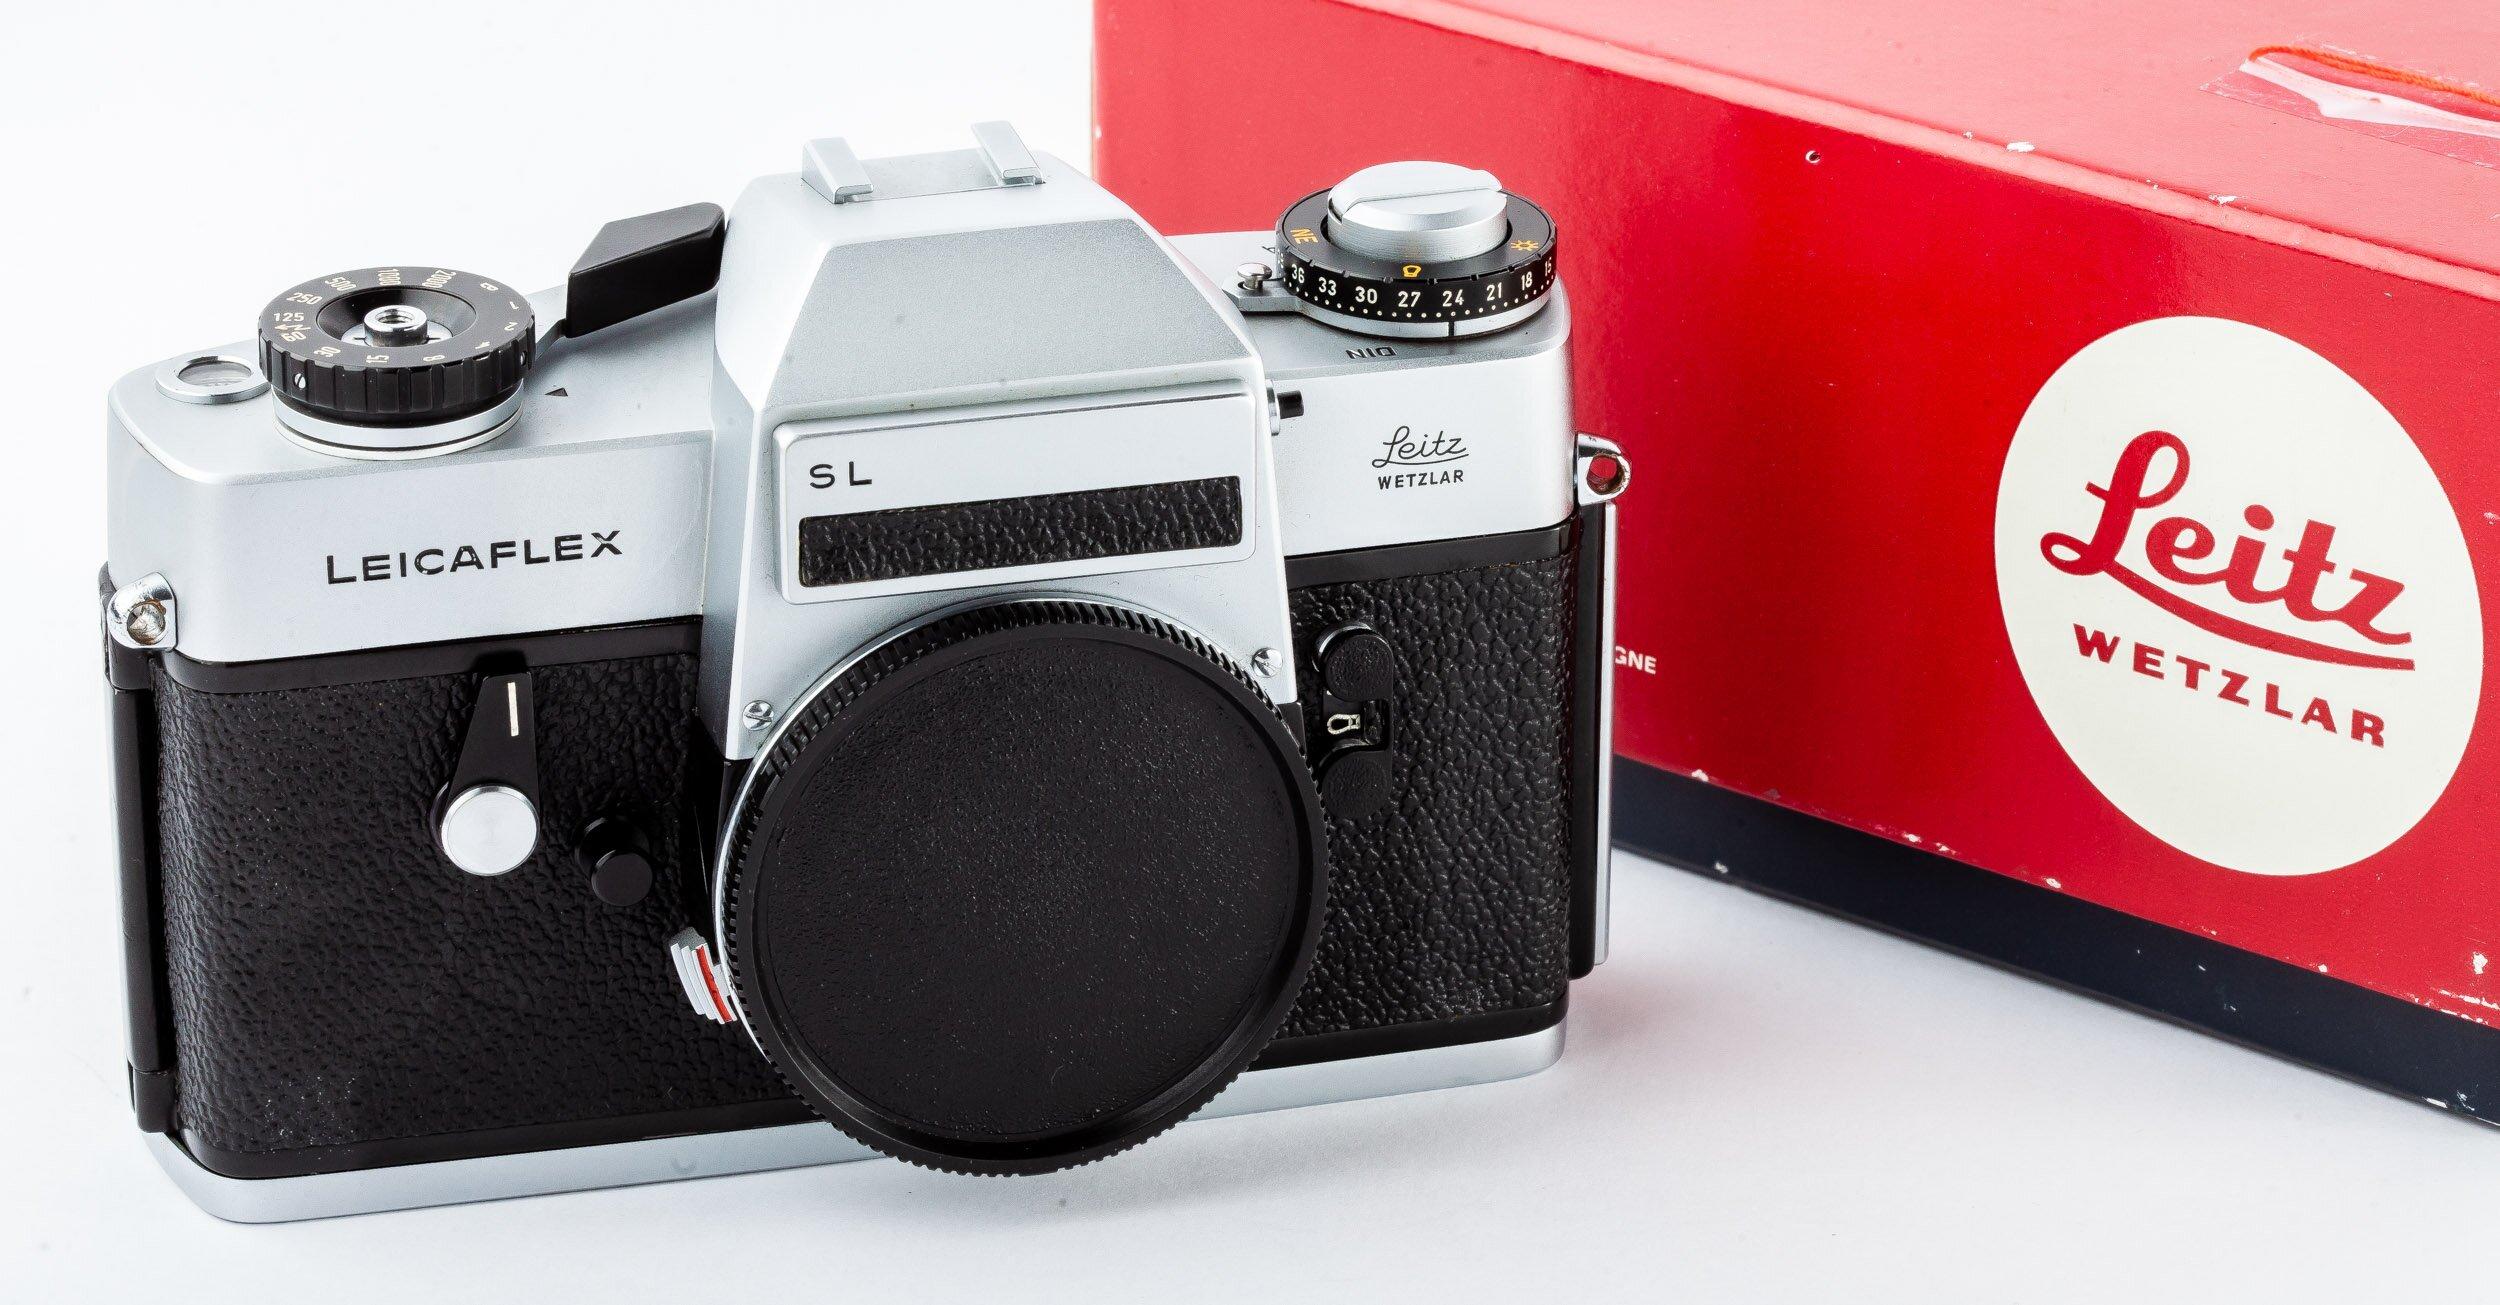 Leicaflex SL chrom Gehäuse